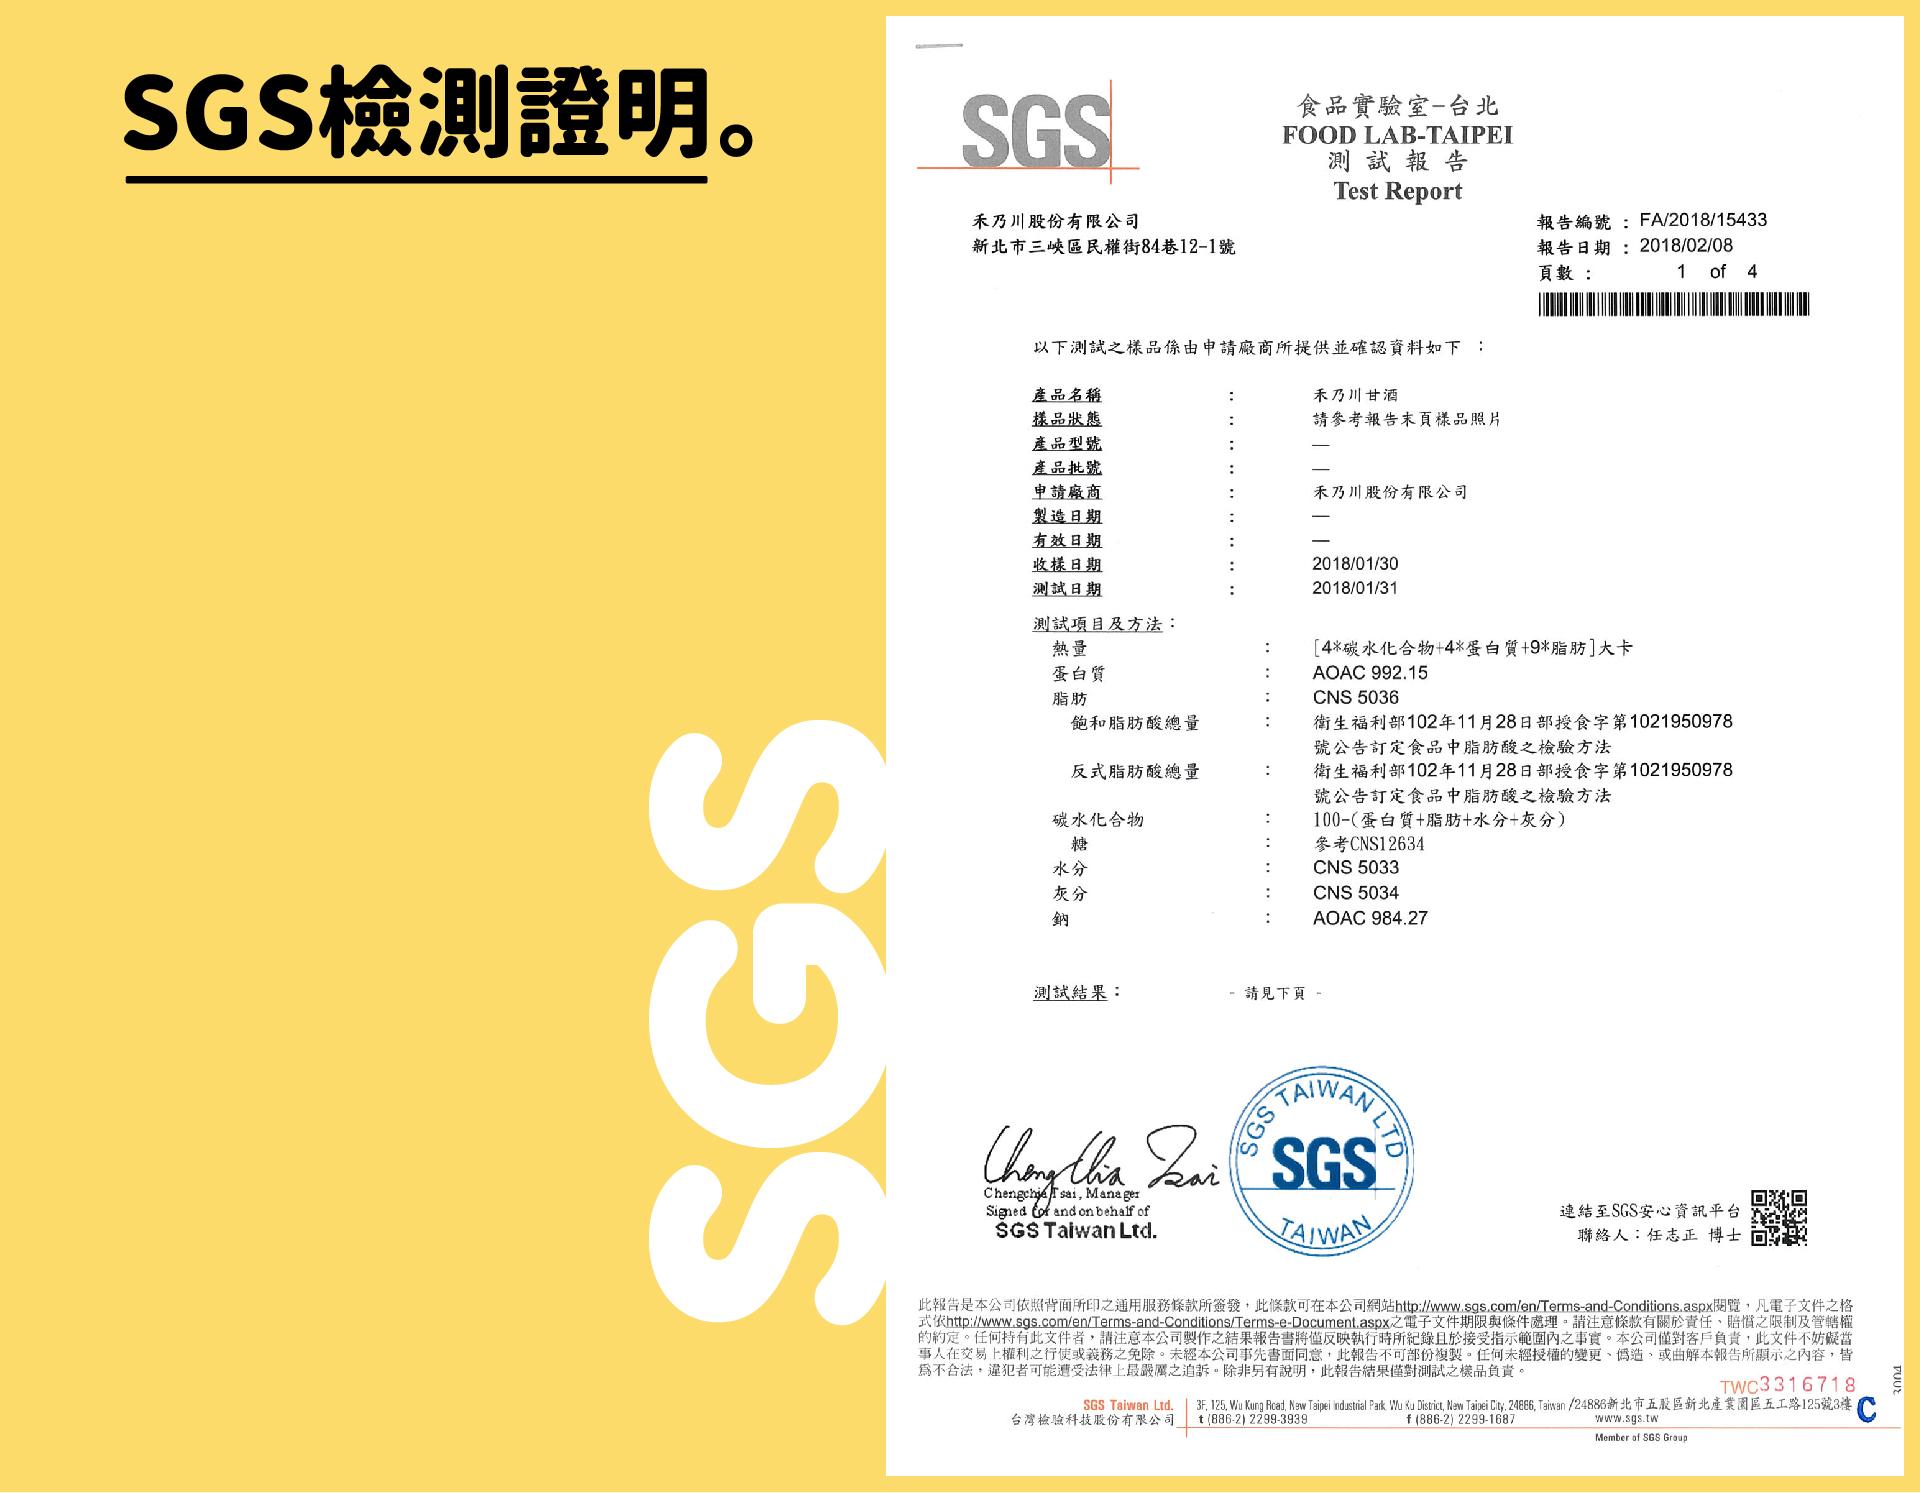 禾乃川SGS檢測證明 - 米麴甘酒 - 有機米麴純手工釀製